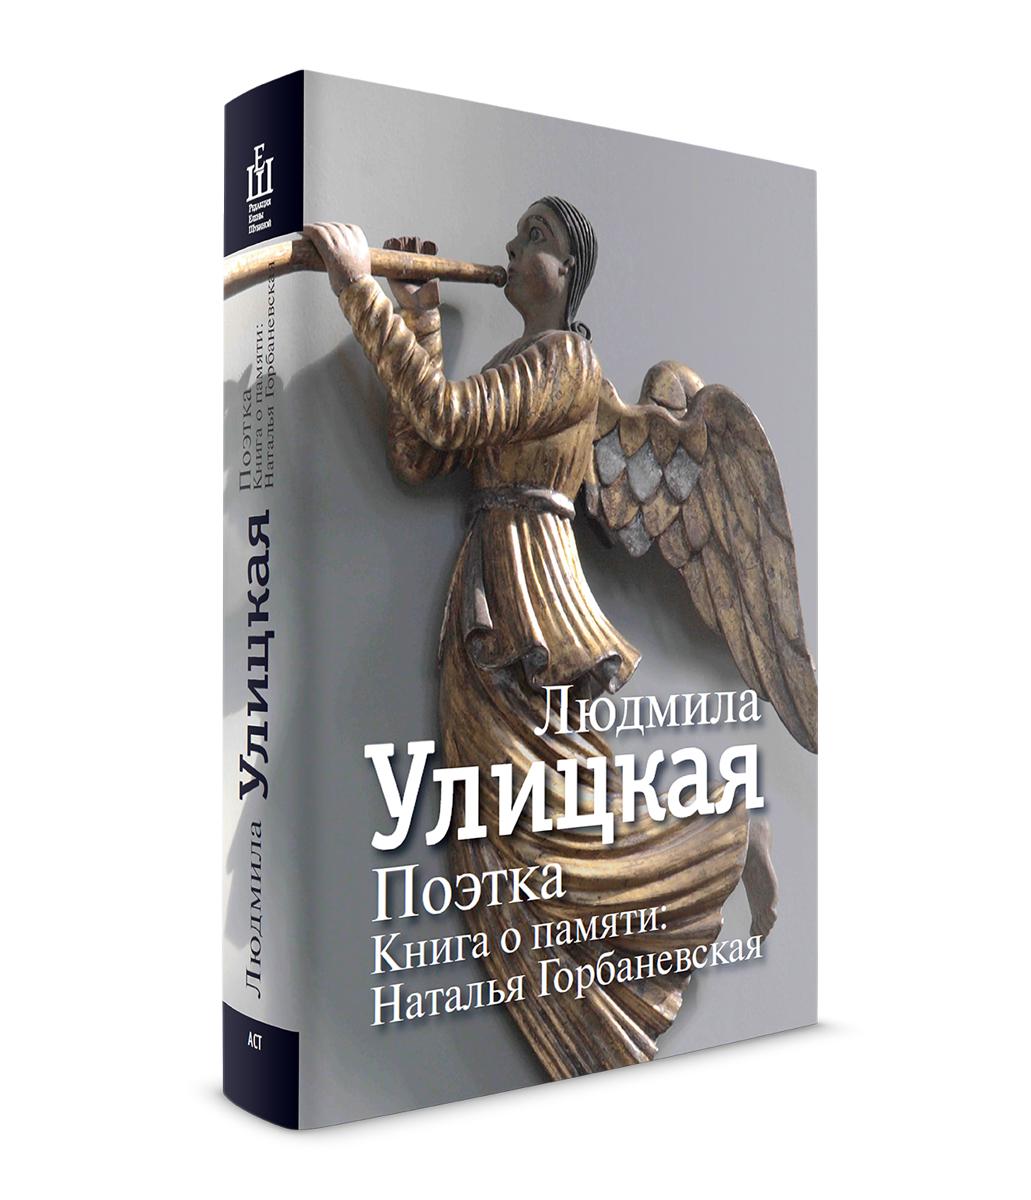 Поэтка. Книга о памяти. Наталья Горбаневская